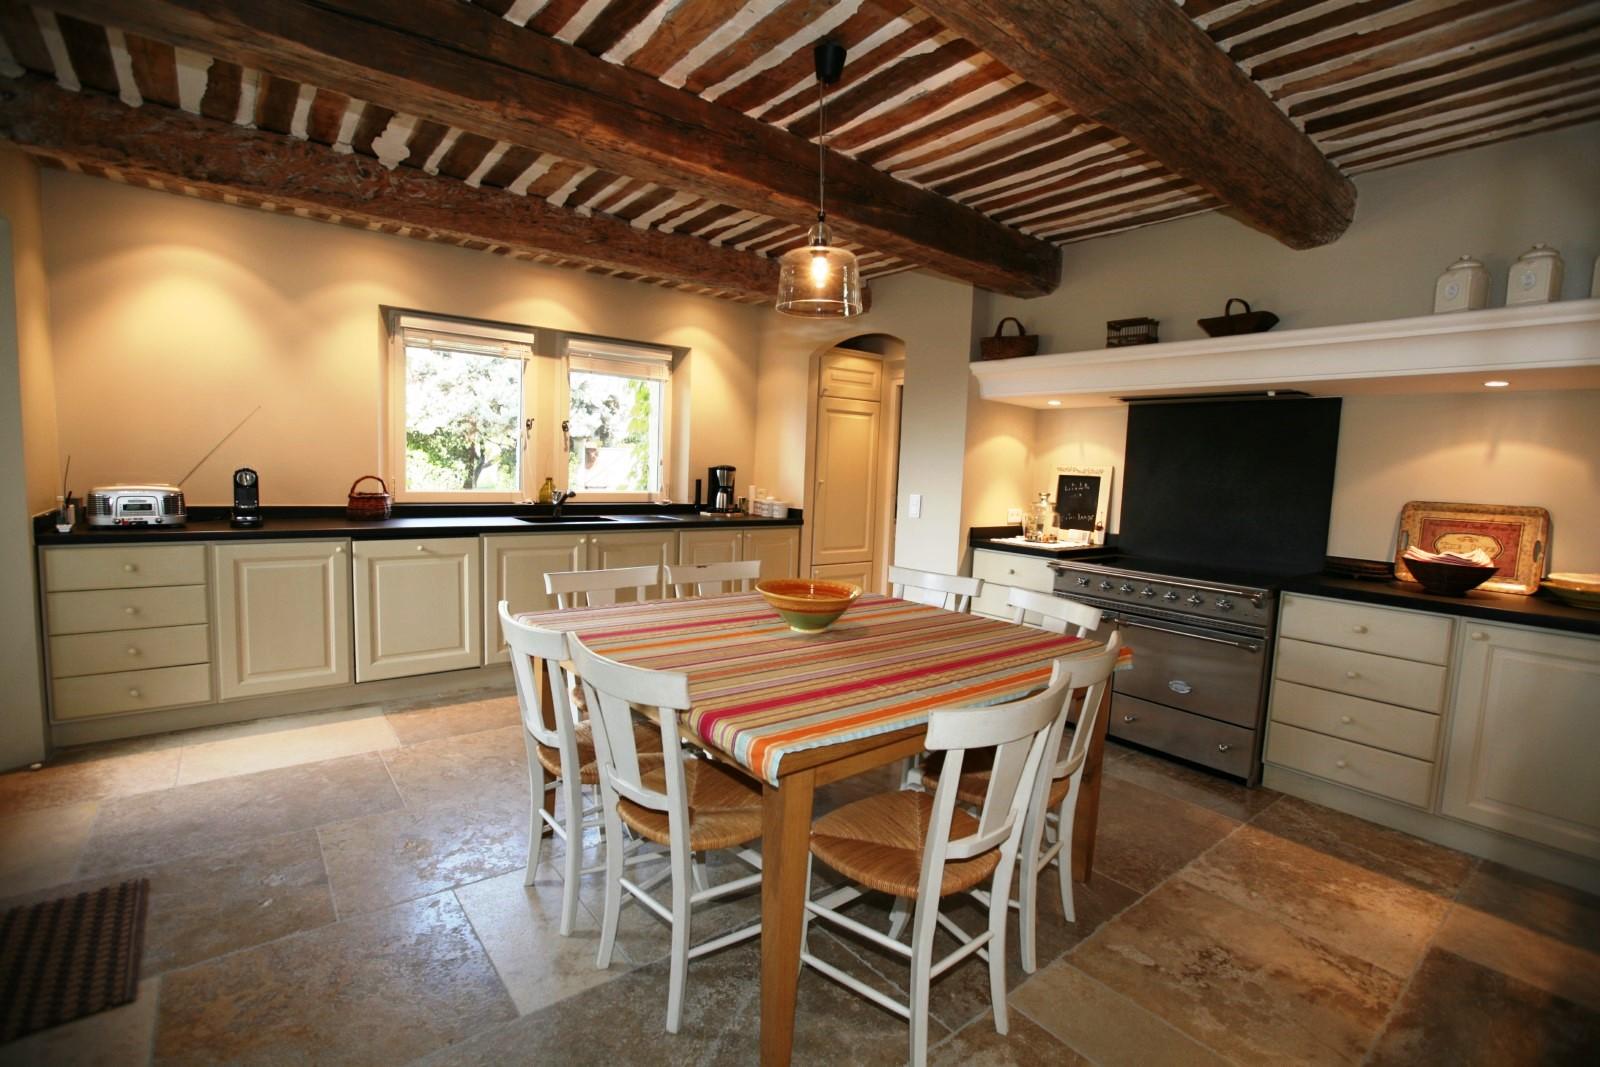 Cuisine à vivre pour mettre à l'honneur la cuisine Provençale